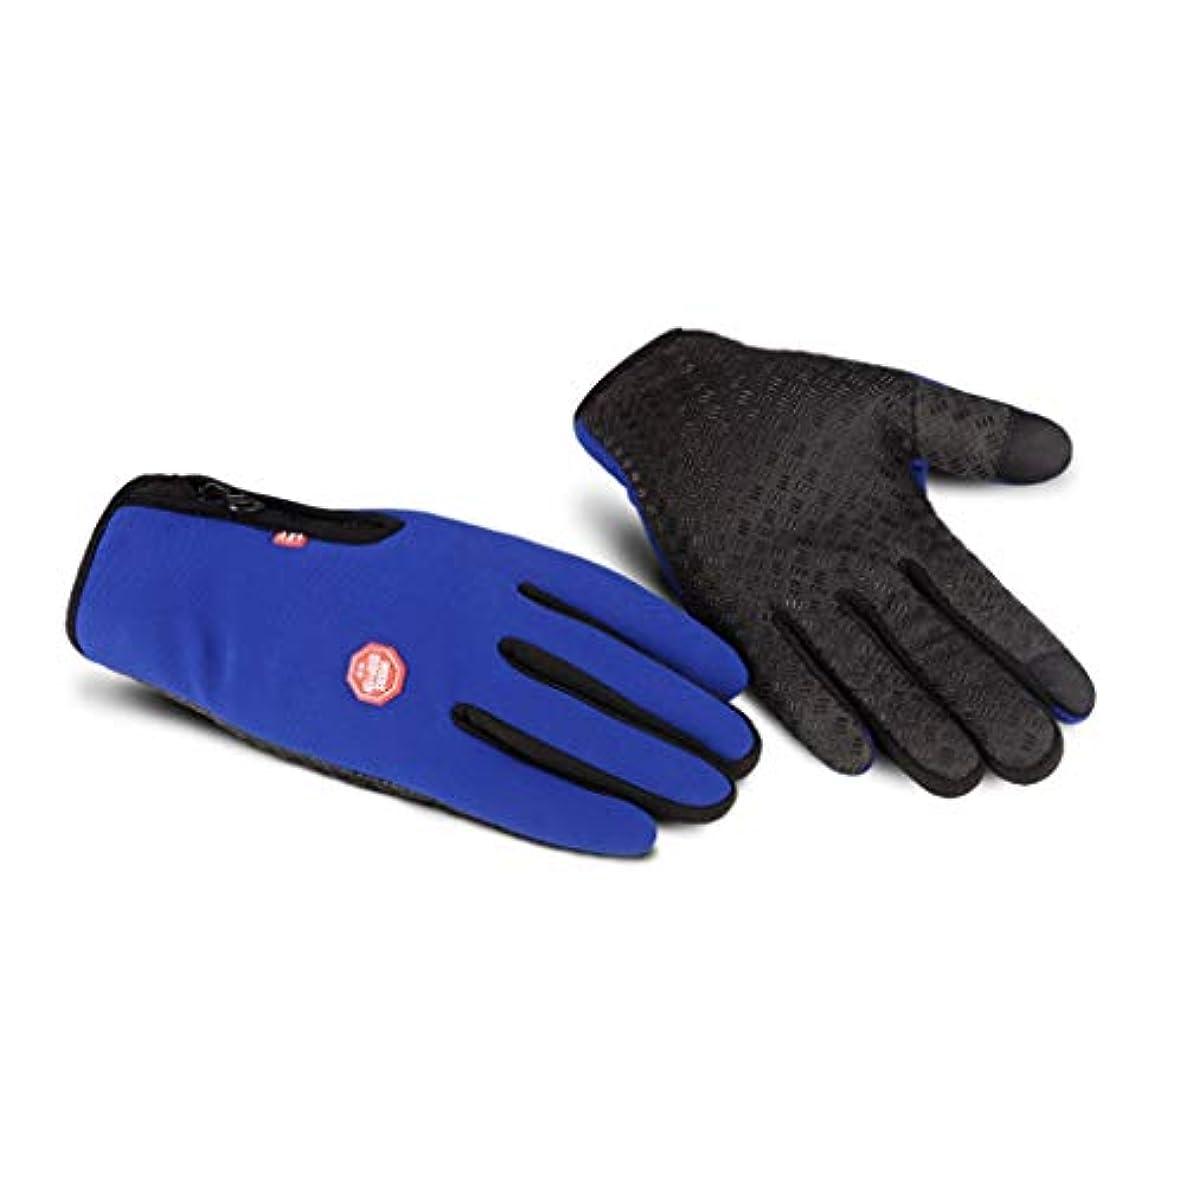 くしゃくしゃ住むウッズ手袋の男性の秋と冬の自転車電動バイクの女性のタッチスクリーンはすべて防風ノンスリップ暖かい冬のコールドプラスベルベット弾性手袋を意味する (色 : 青)